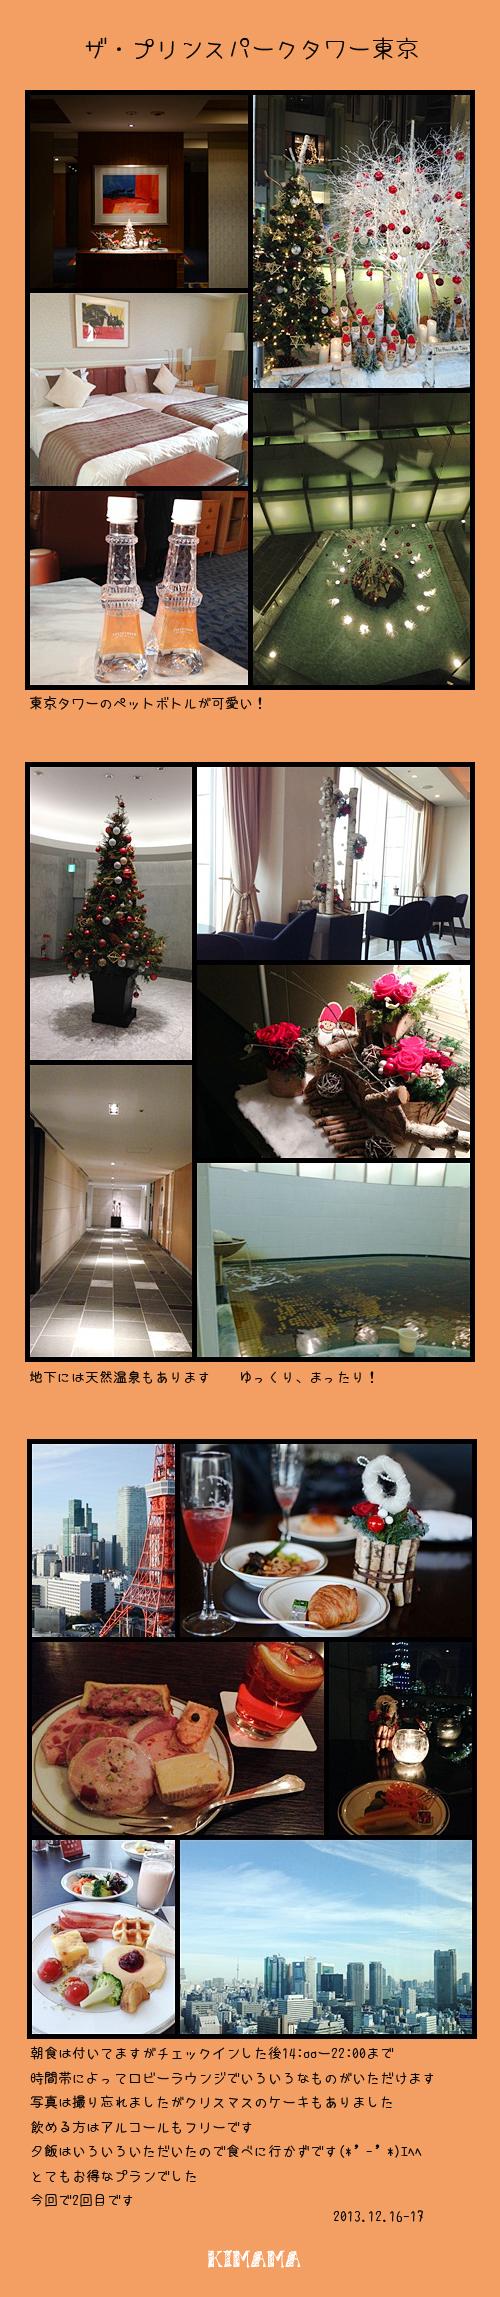 12月18日ホテル3